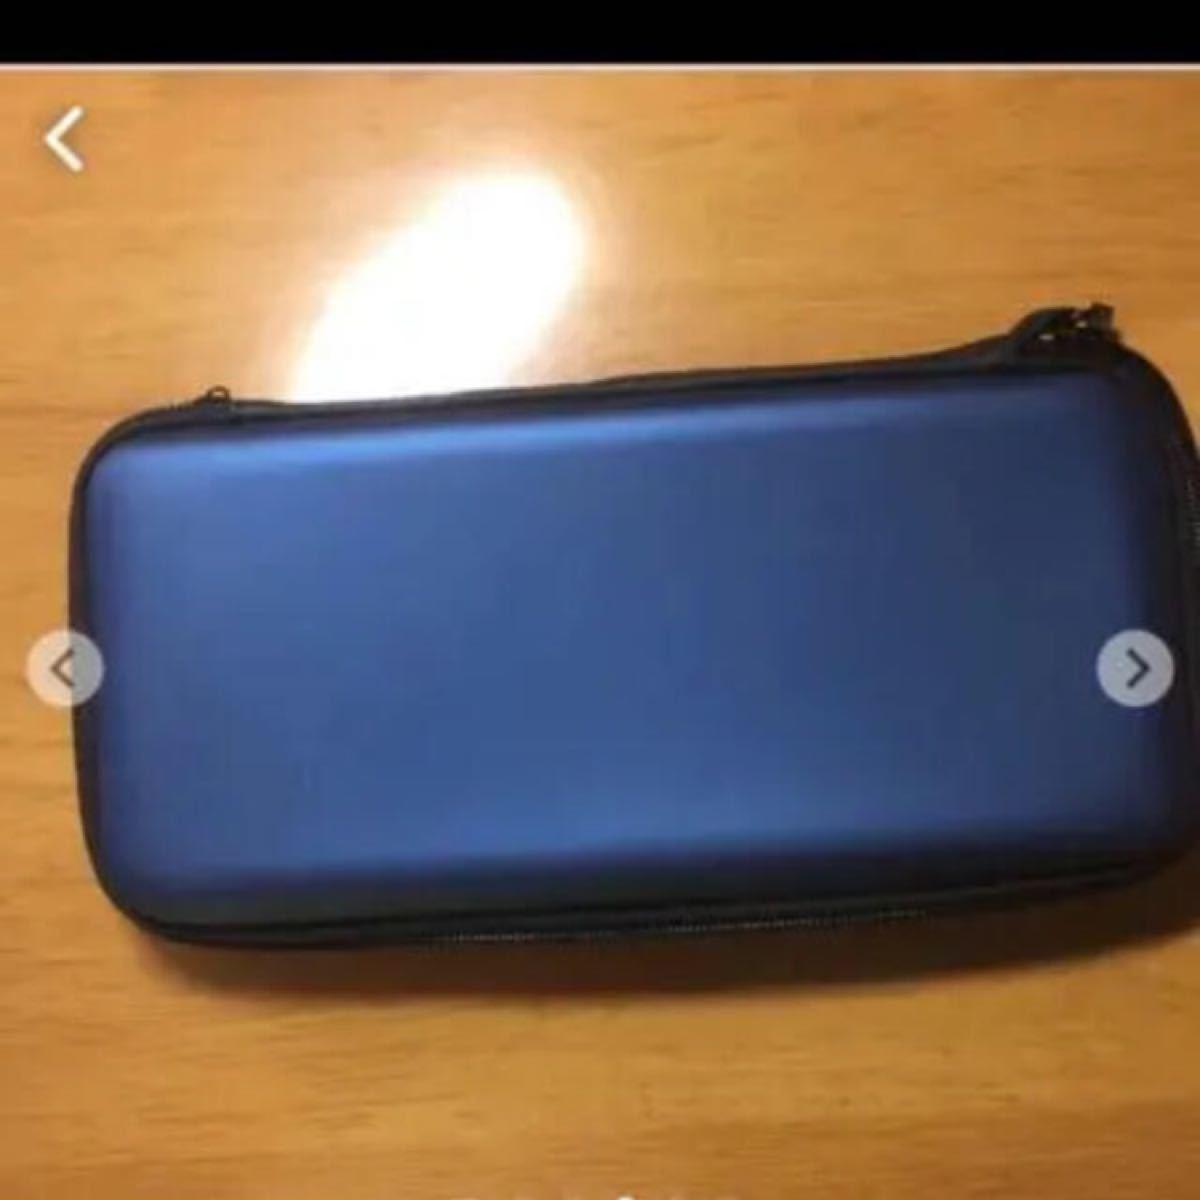 スイッチケース 紺色 Nintendo Switch Switch Lite